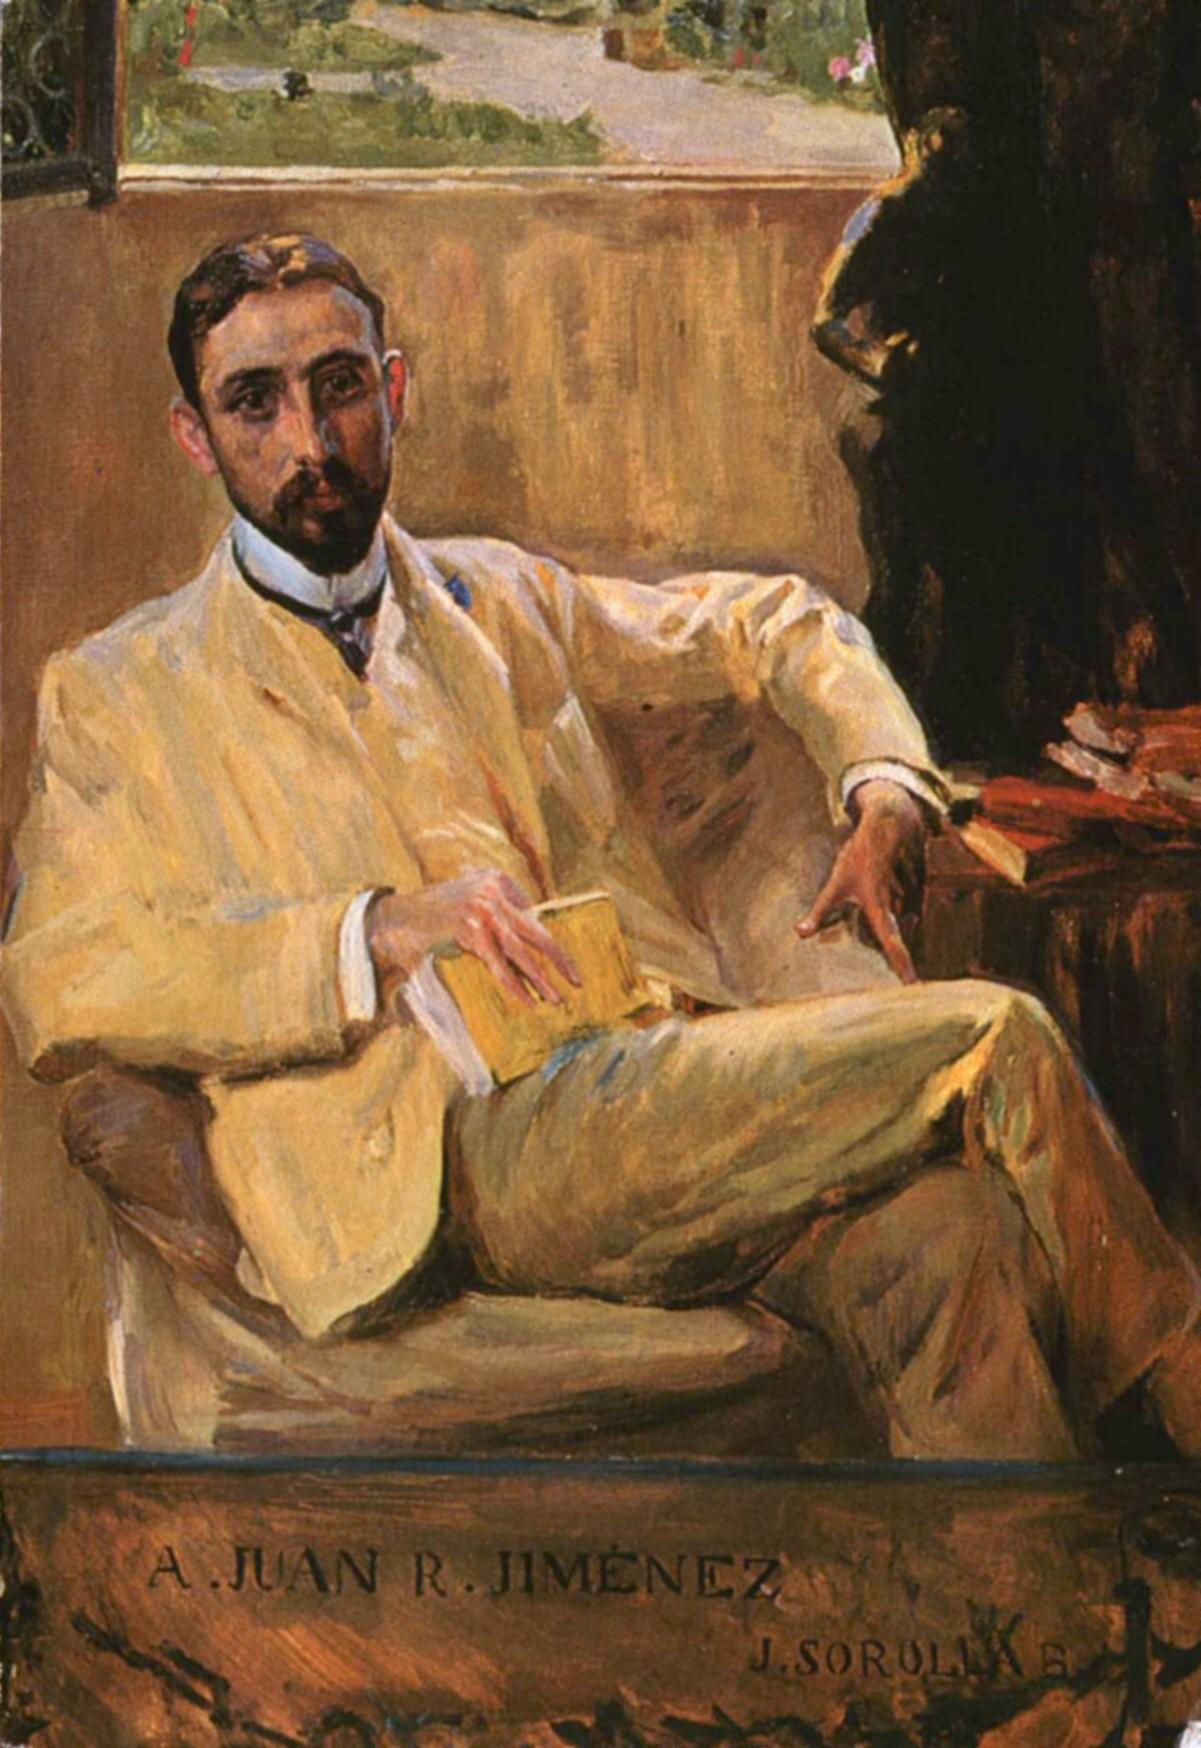 Retrato de Juan Ramón Jiménez, pintado por Joaquín Sorolla.